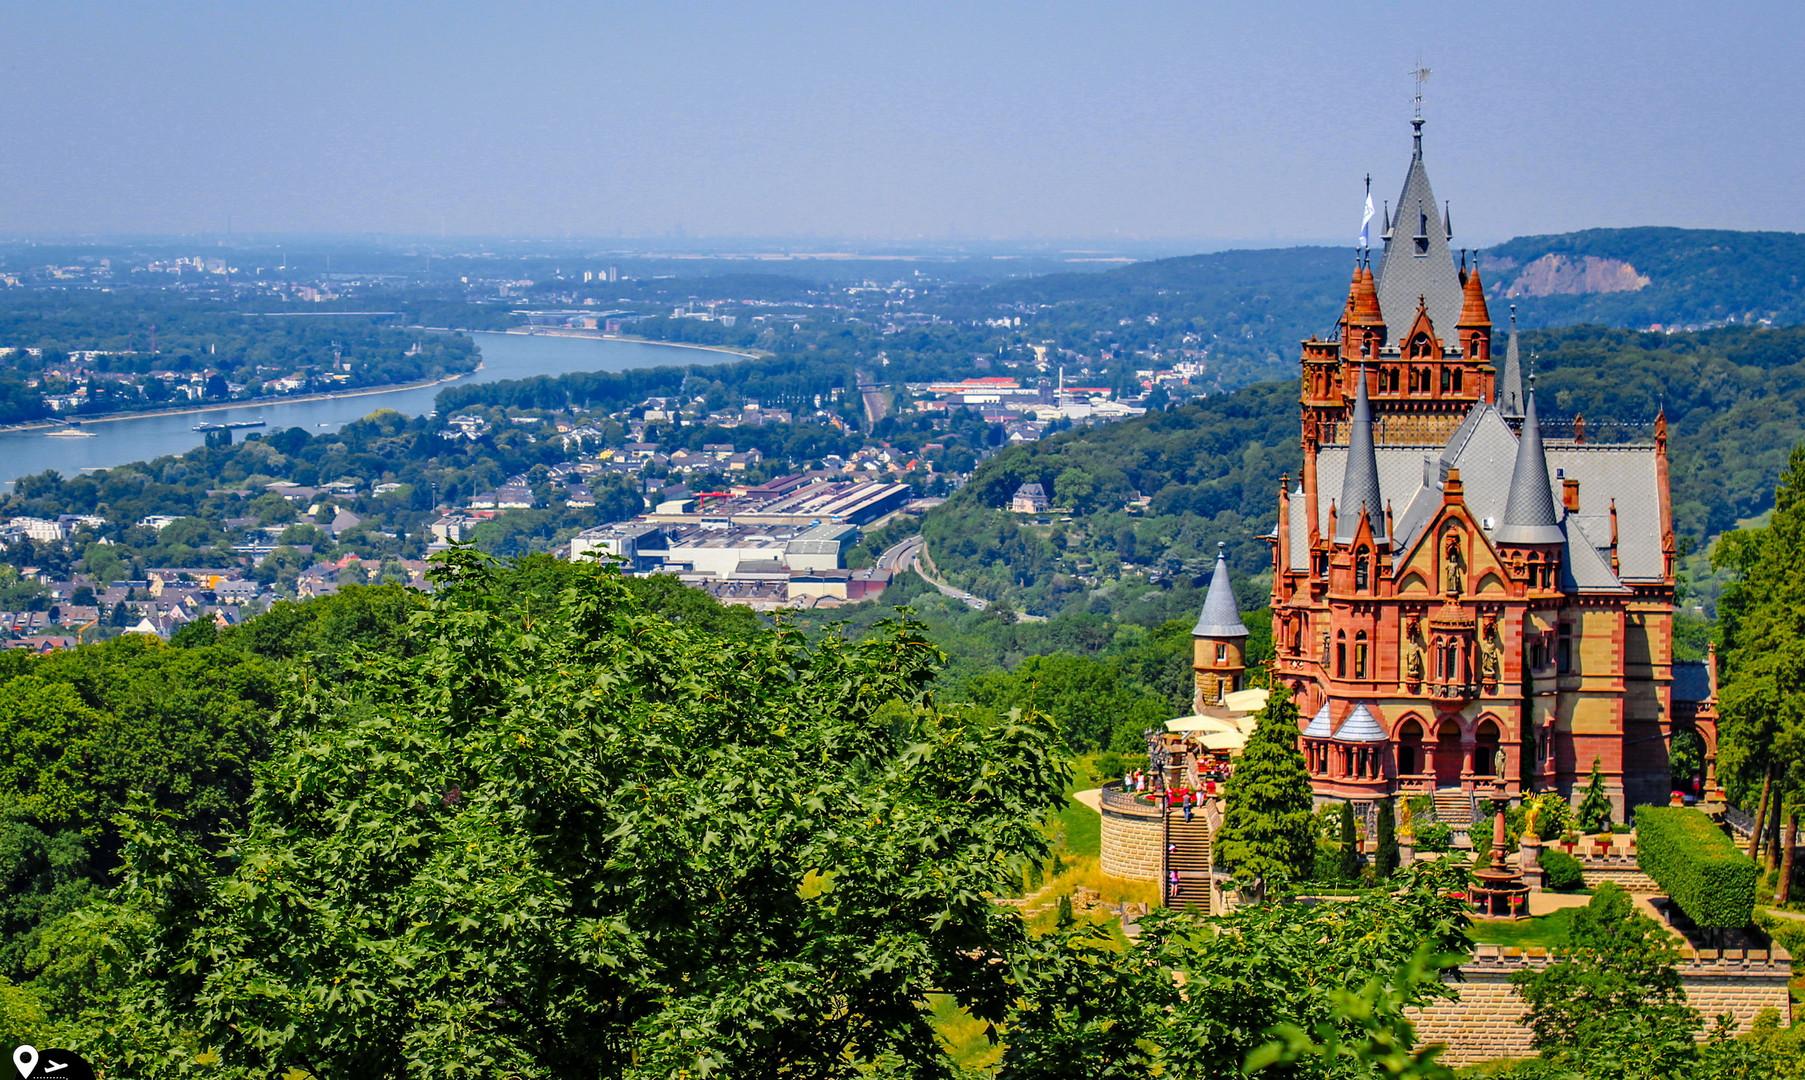 Панорама замка Драхенбург, Бонн